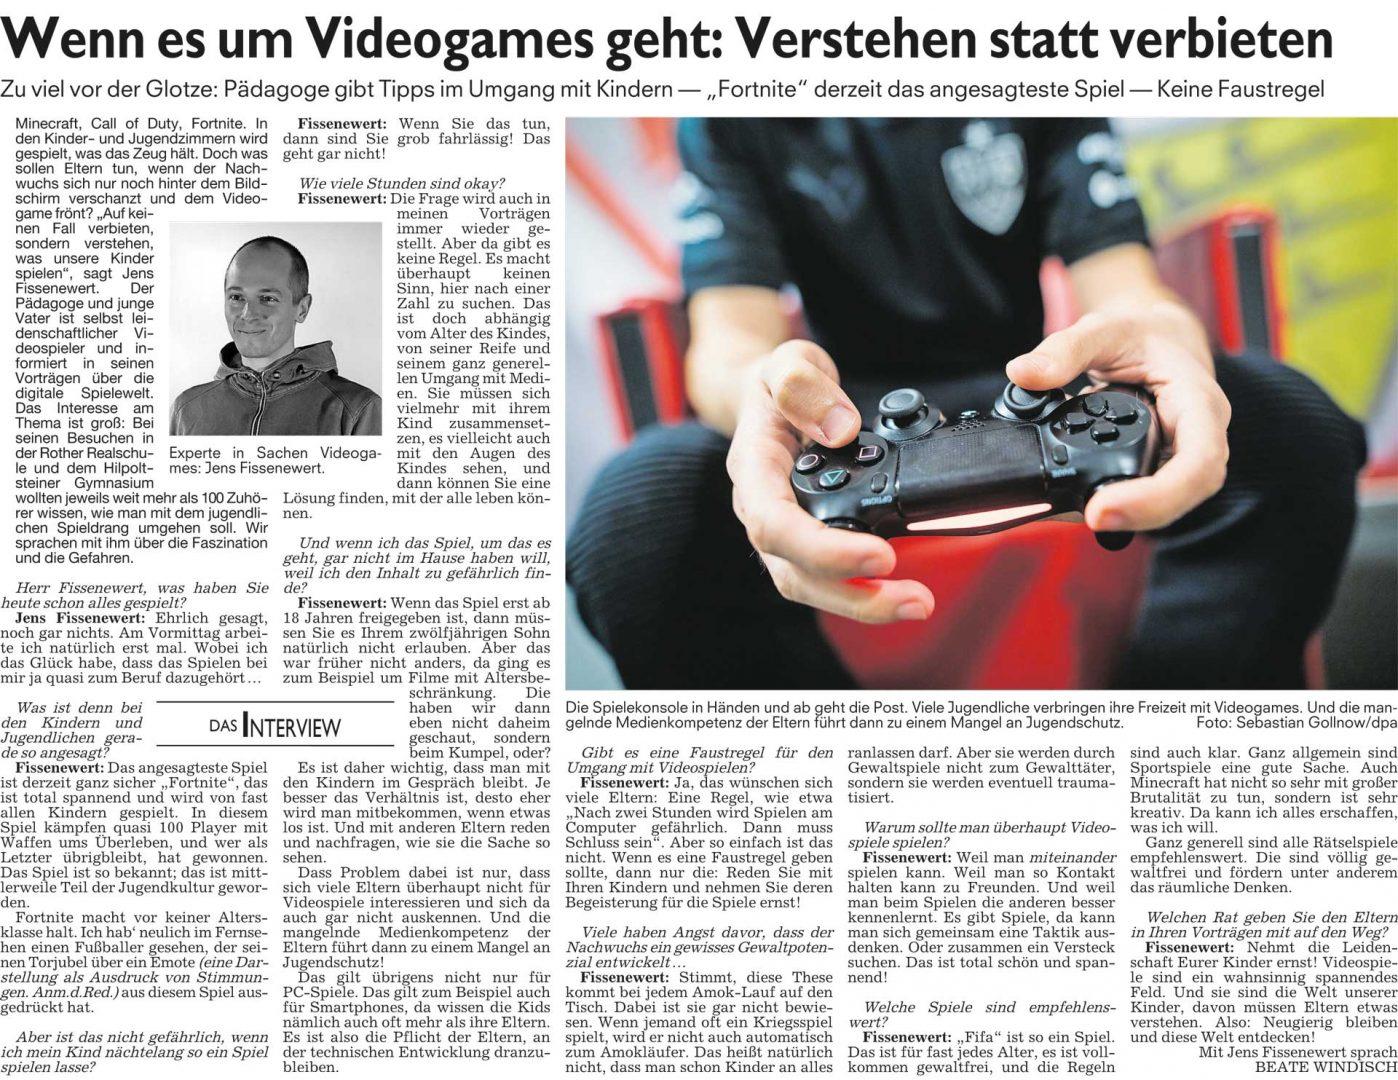 ratgeber-videospiele-HiZ-16112018-1